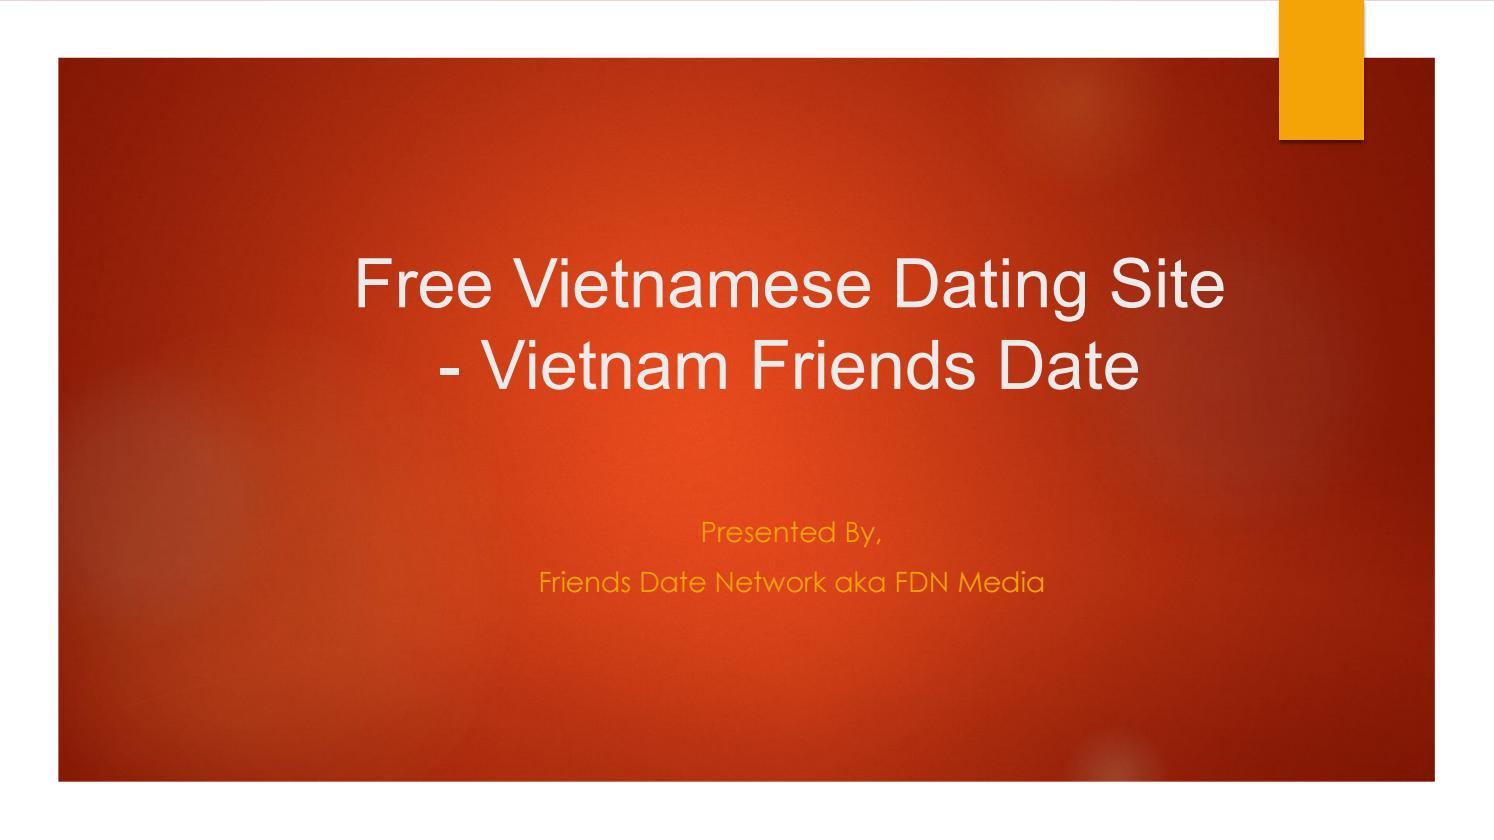 WhatsAppDate is een volledig gratis datingsite waar je kunt daten op de site via de berichten voor een.